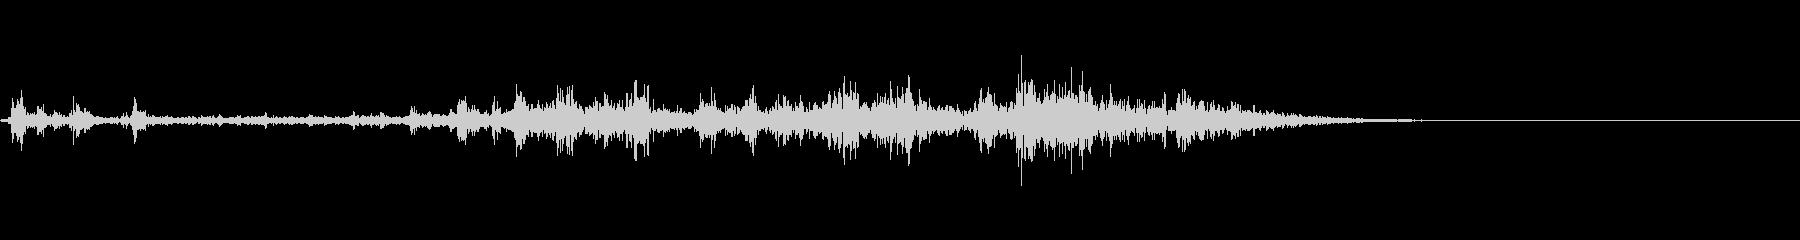 カミナリ(遠雷)-10の未再生の波形